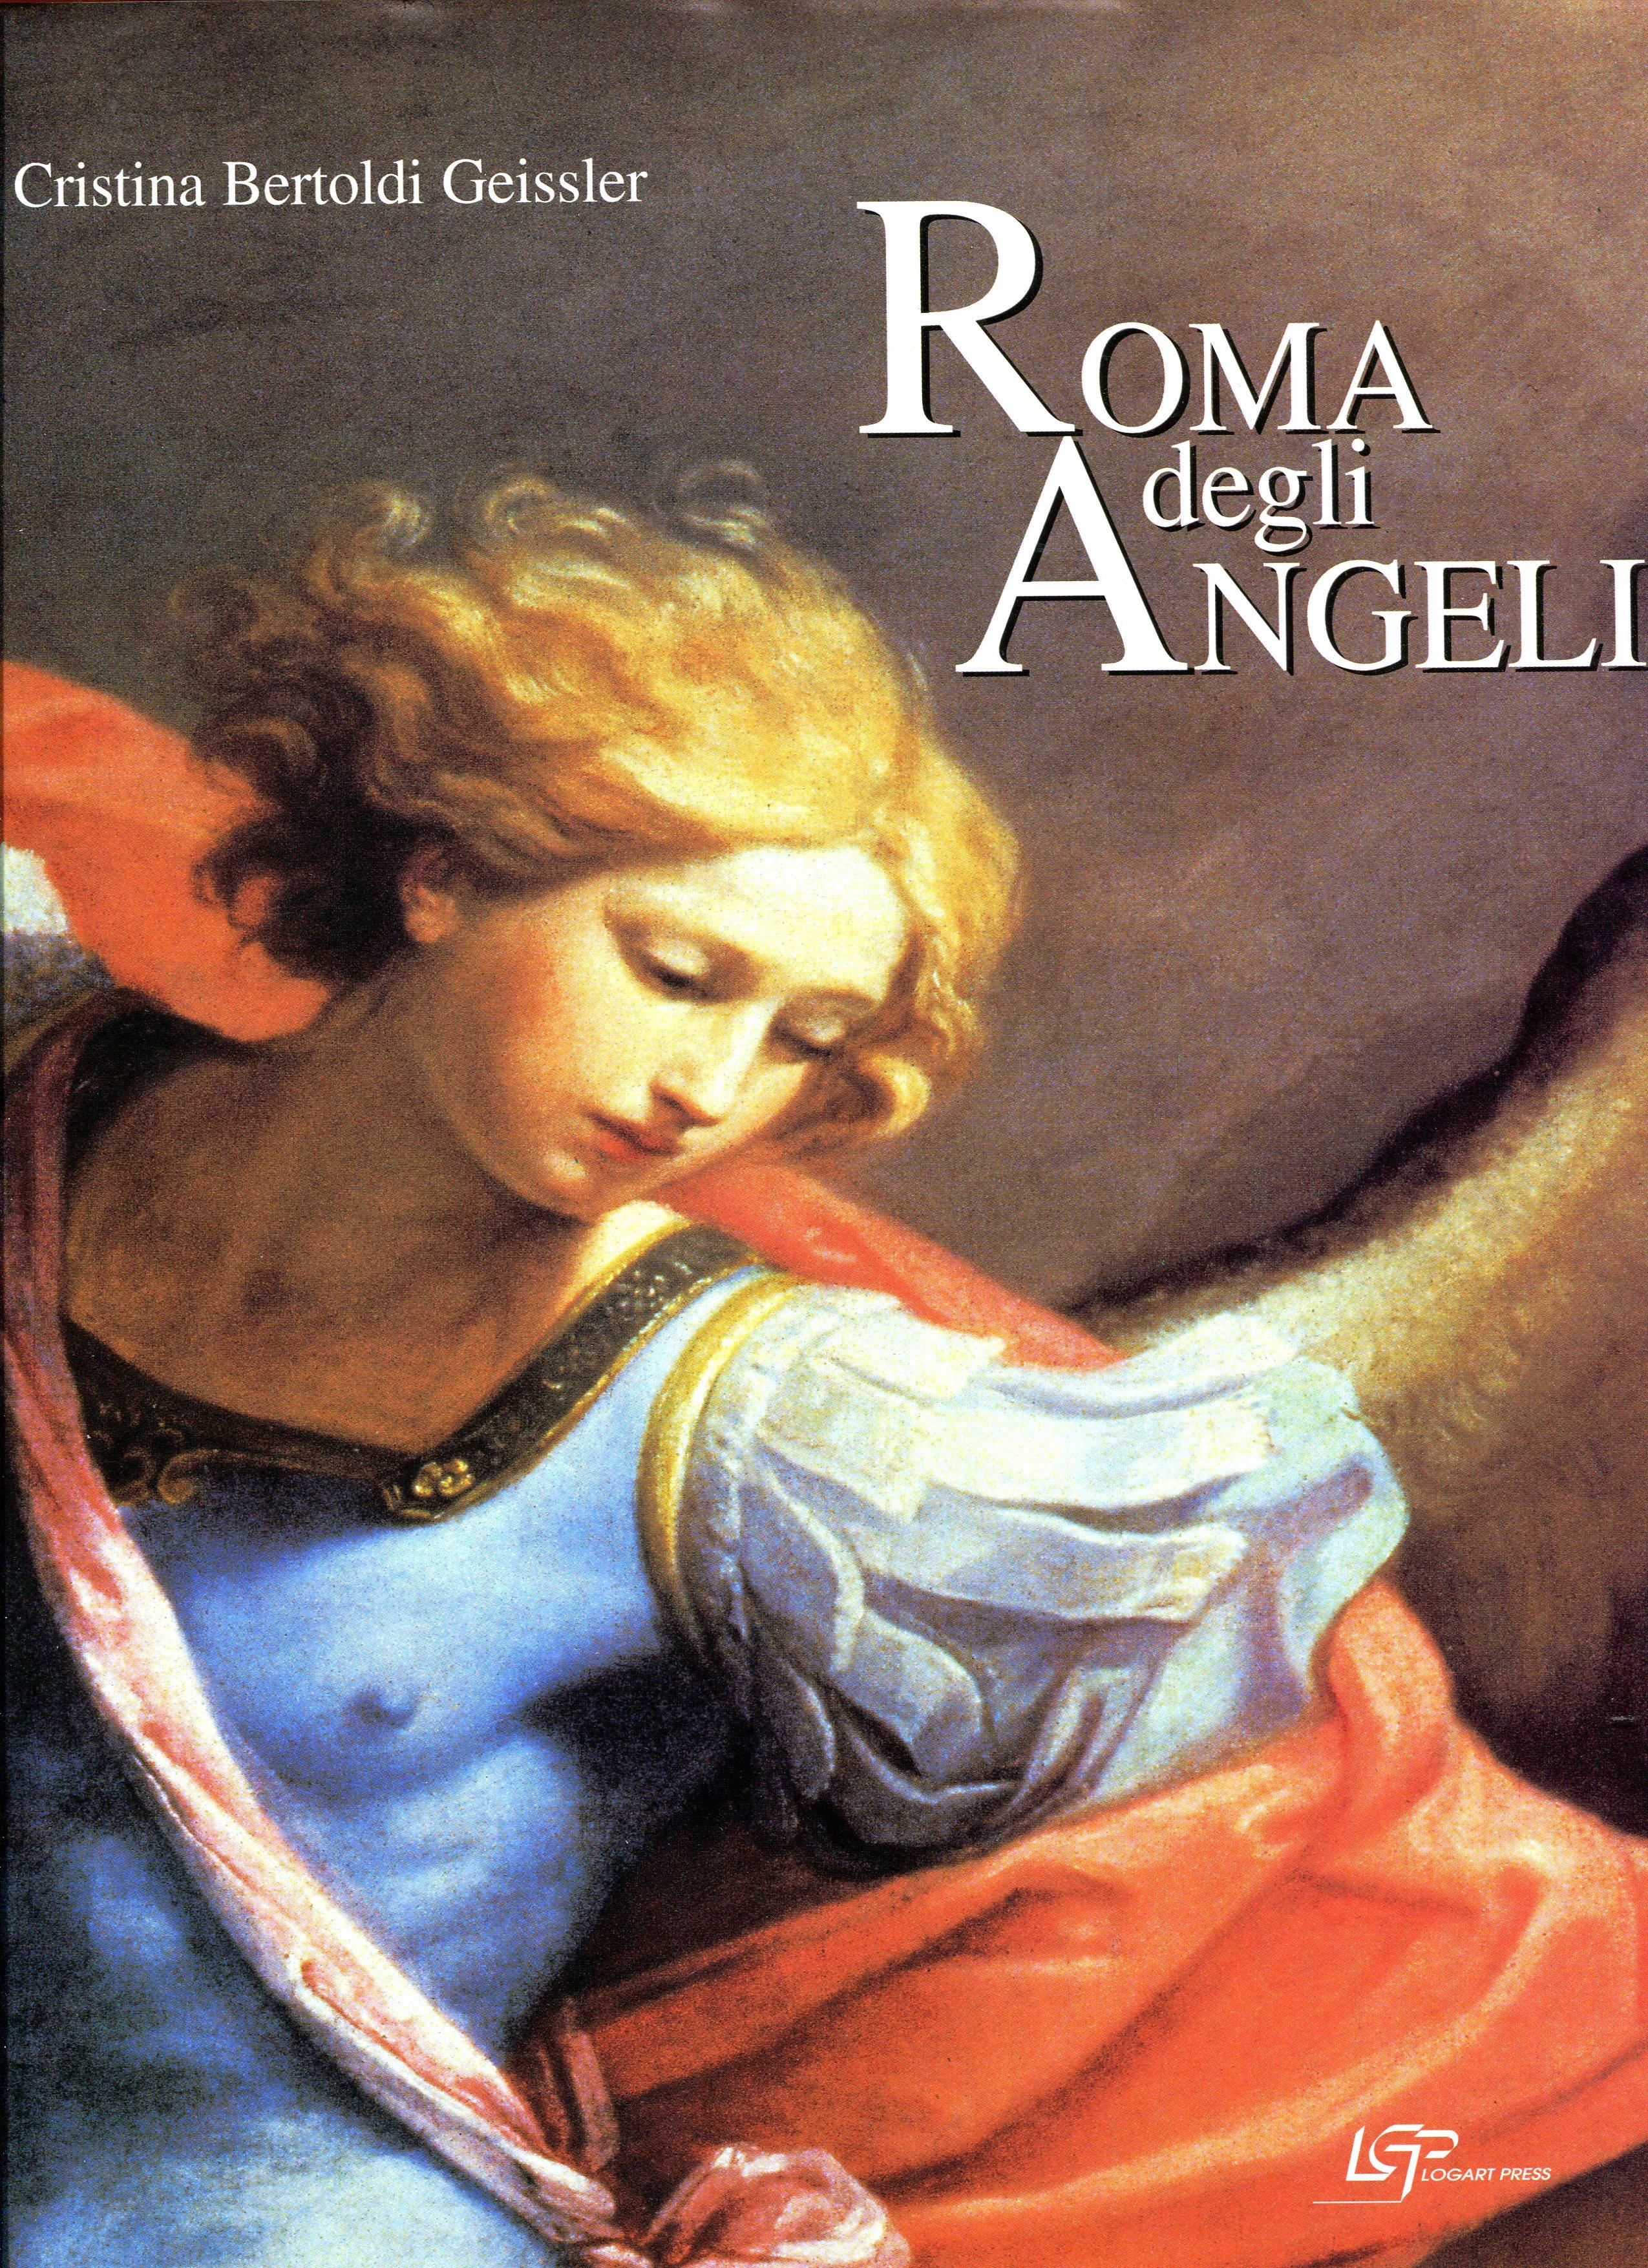 Roma degli Angeli